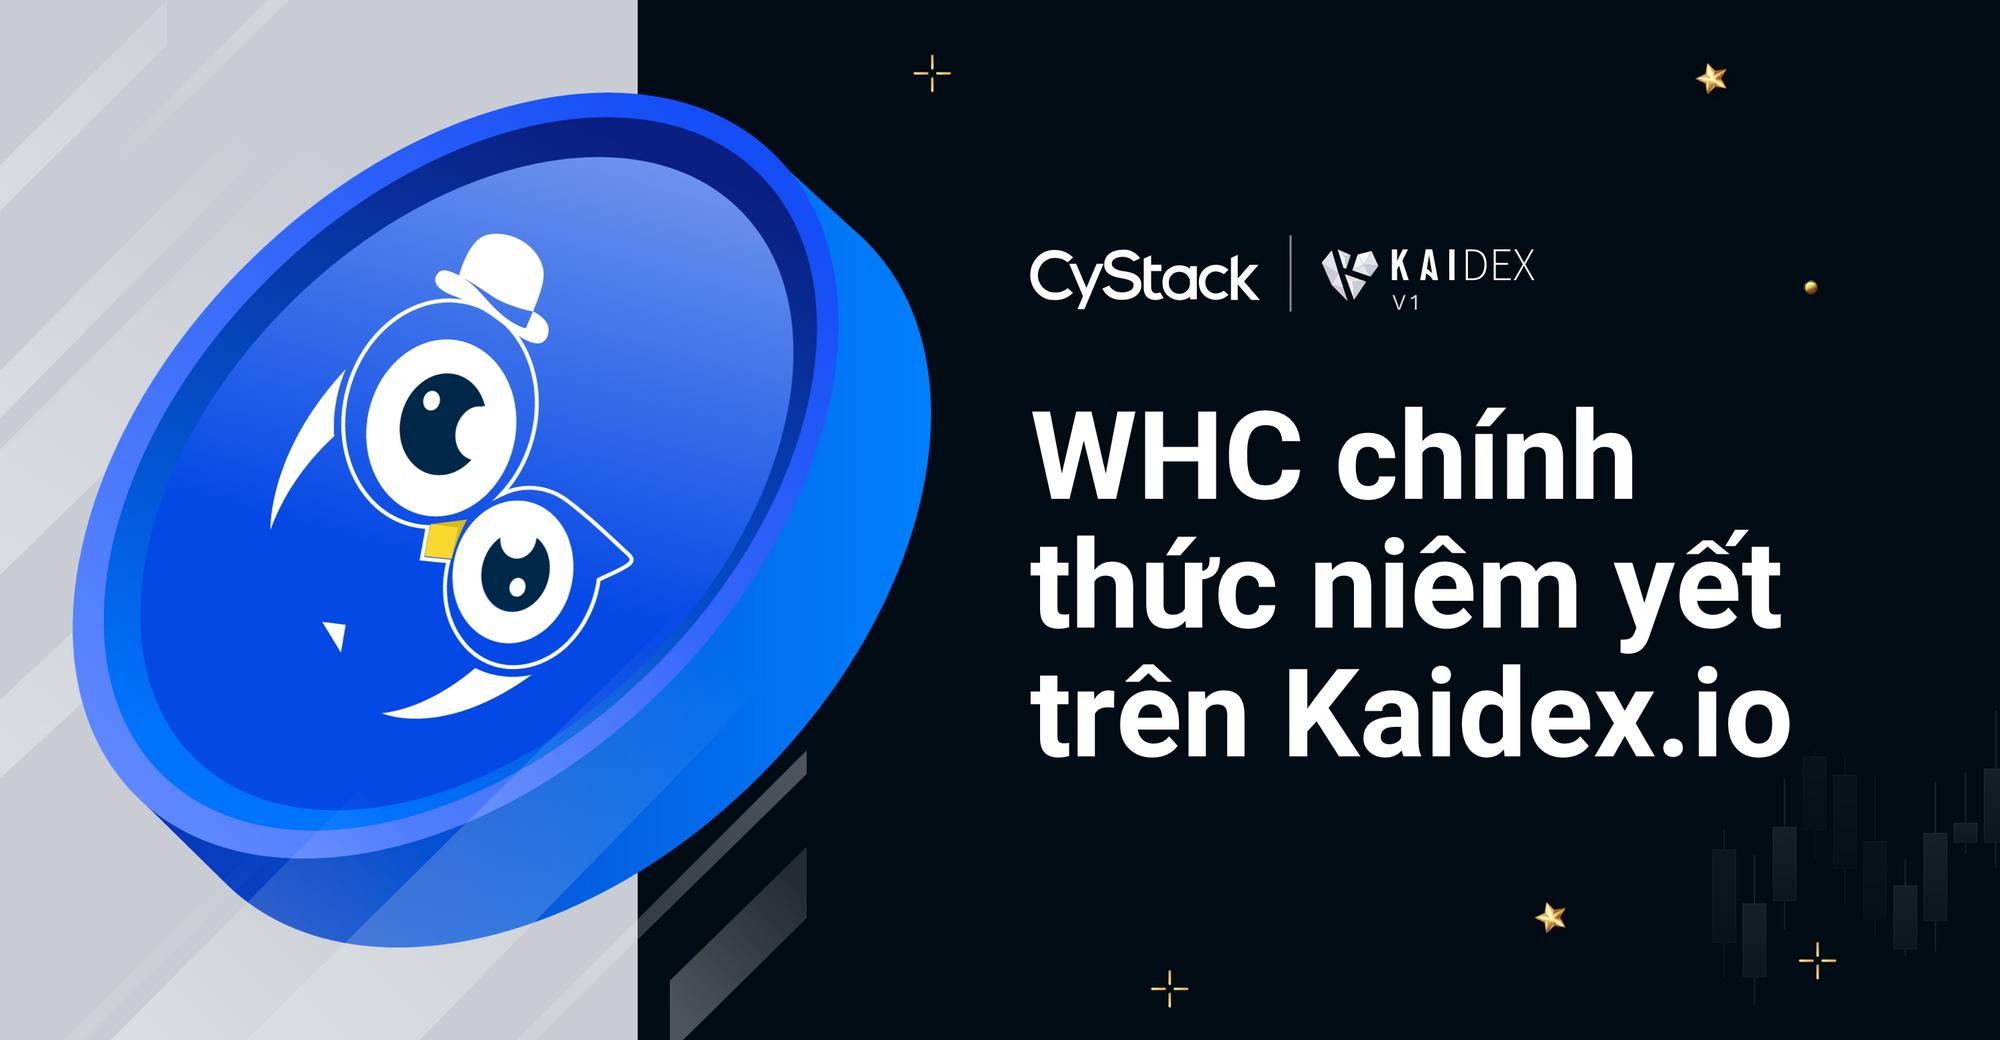 Thông báo: WHC chính thức được niêm yết trên KAIDEX